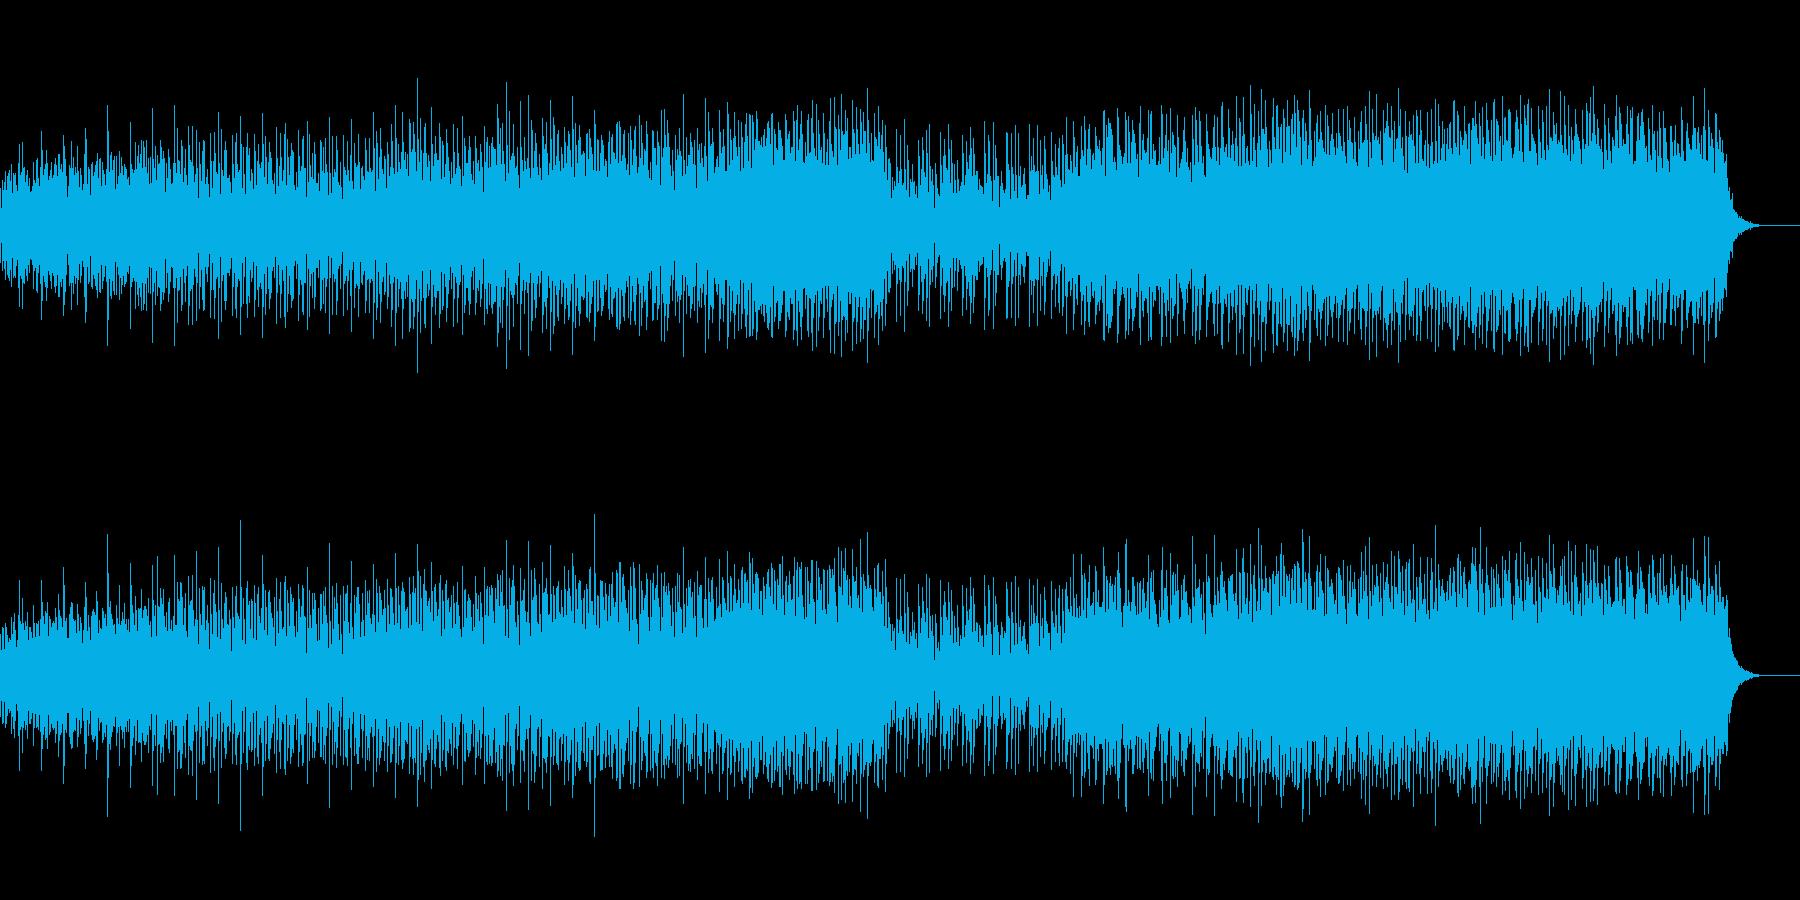 壮大 ノスタルジック ポップアンビエントの再生済みの波形